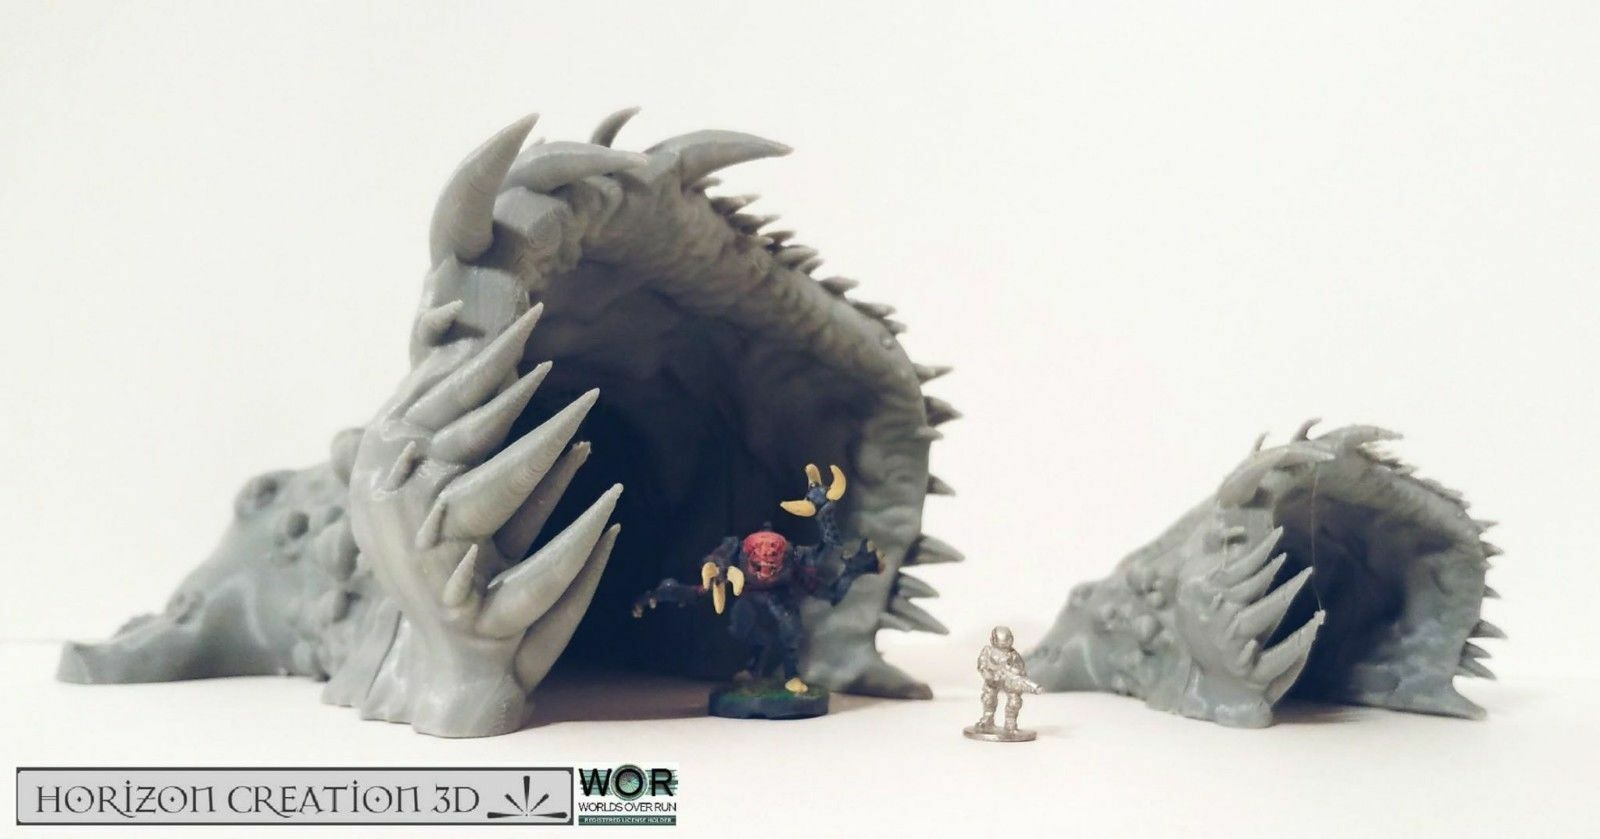 Hc3d - wor thorn portal - alien wargames miniaturen landschaft treten 2008 15